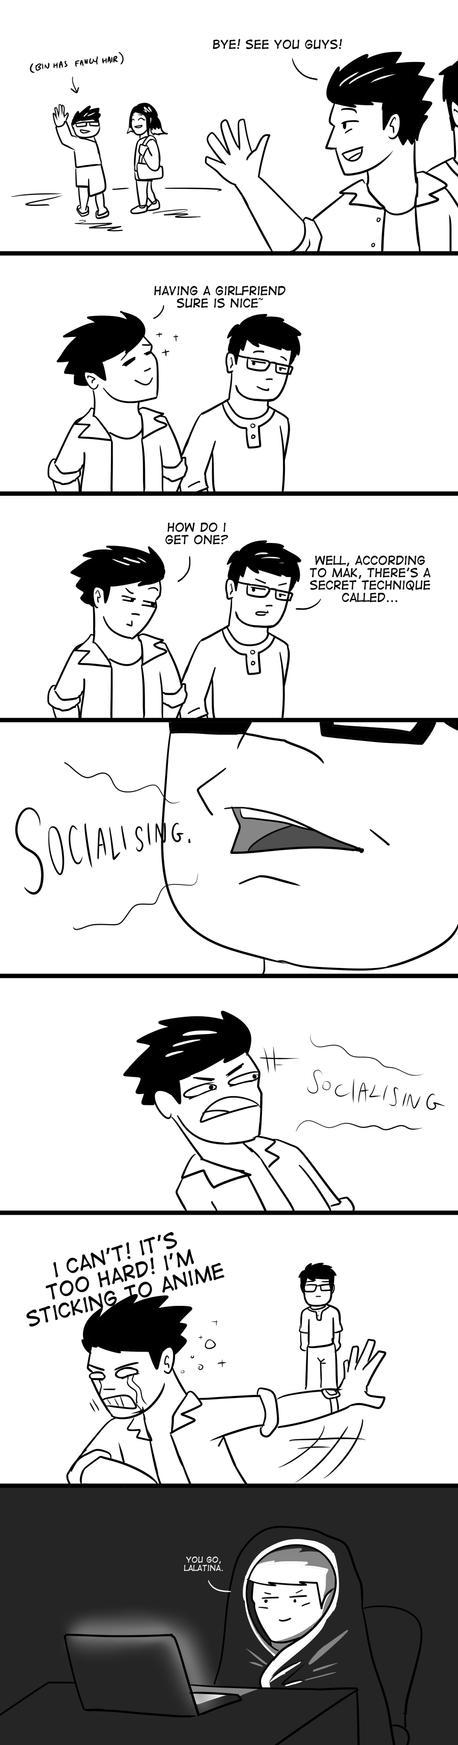 Socialising by zacharychua